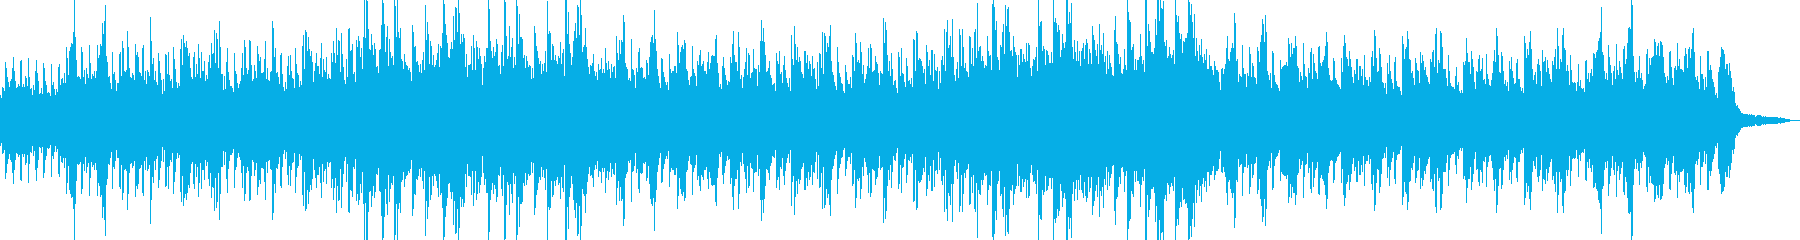 海の中をイメージしたソロピアノの再生済みの波形